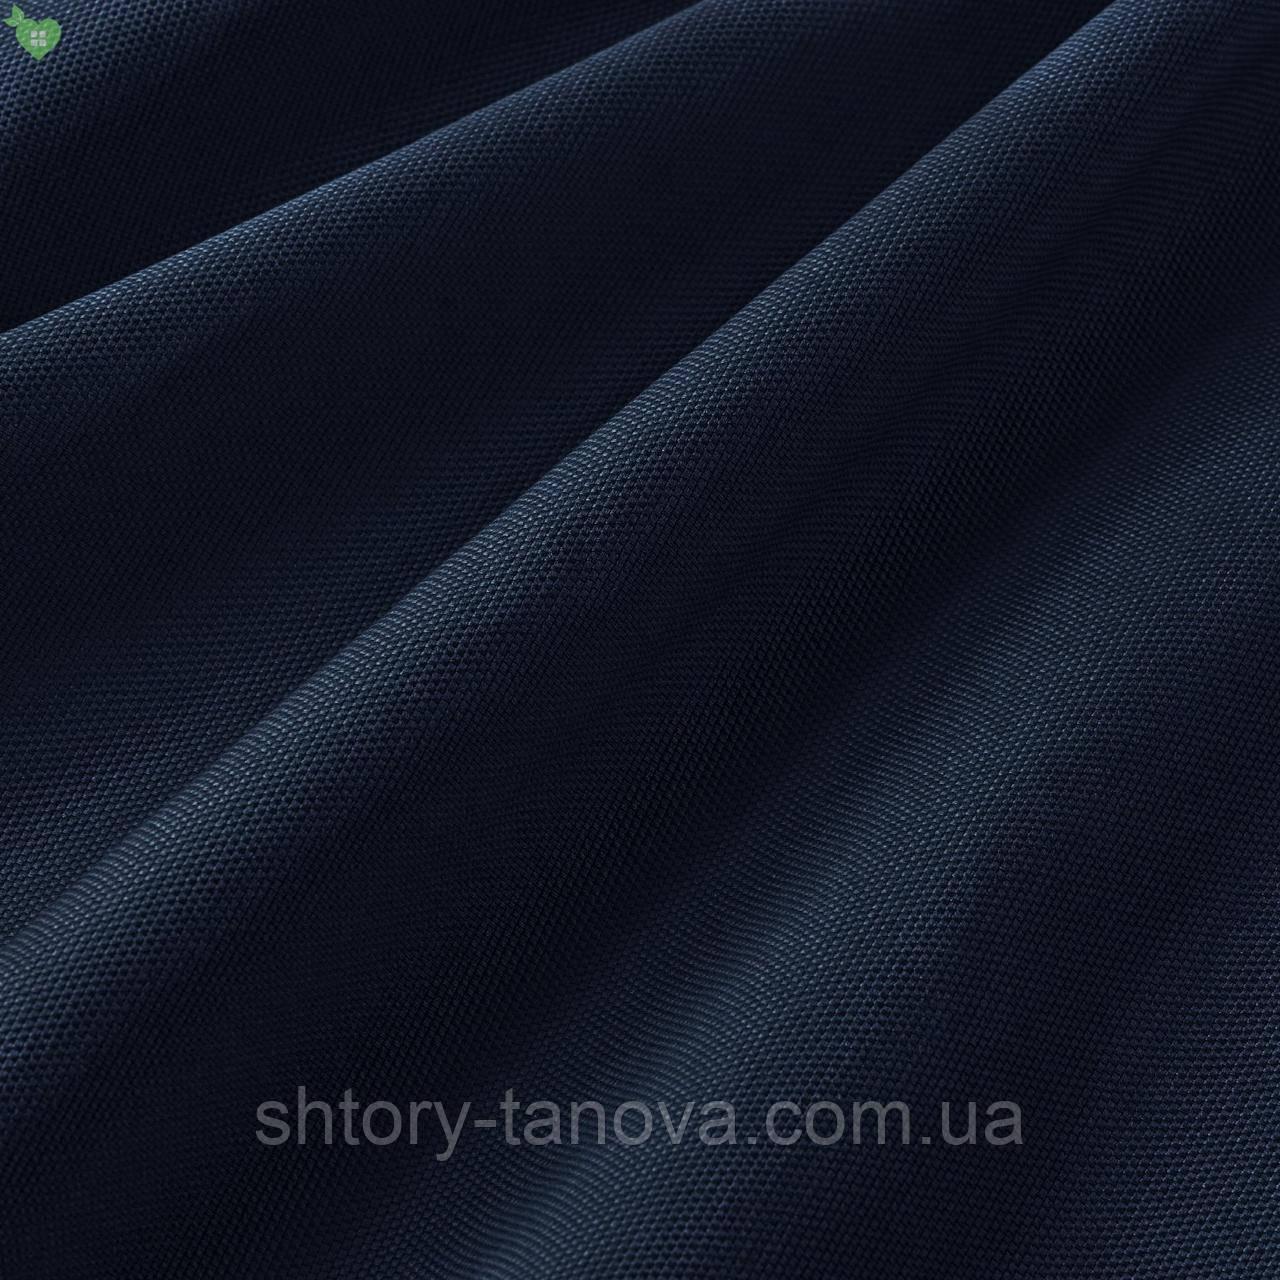 Вулична фактурна тканина синього кольору для альтанки зі шторками